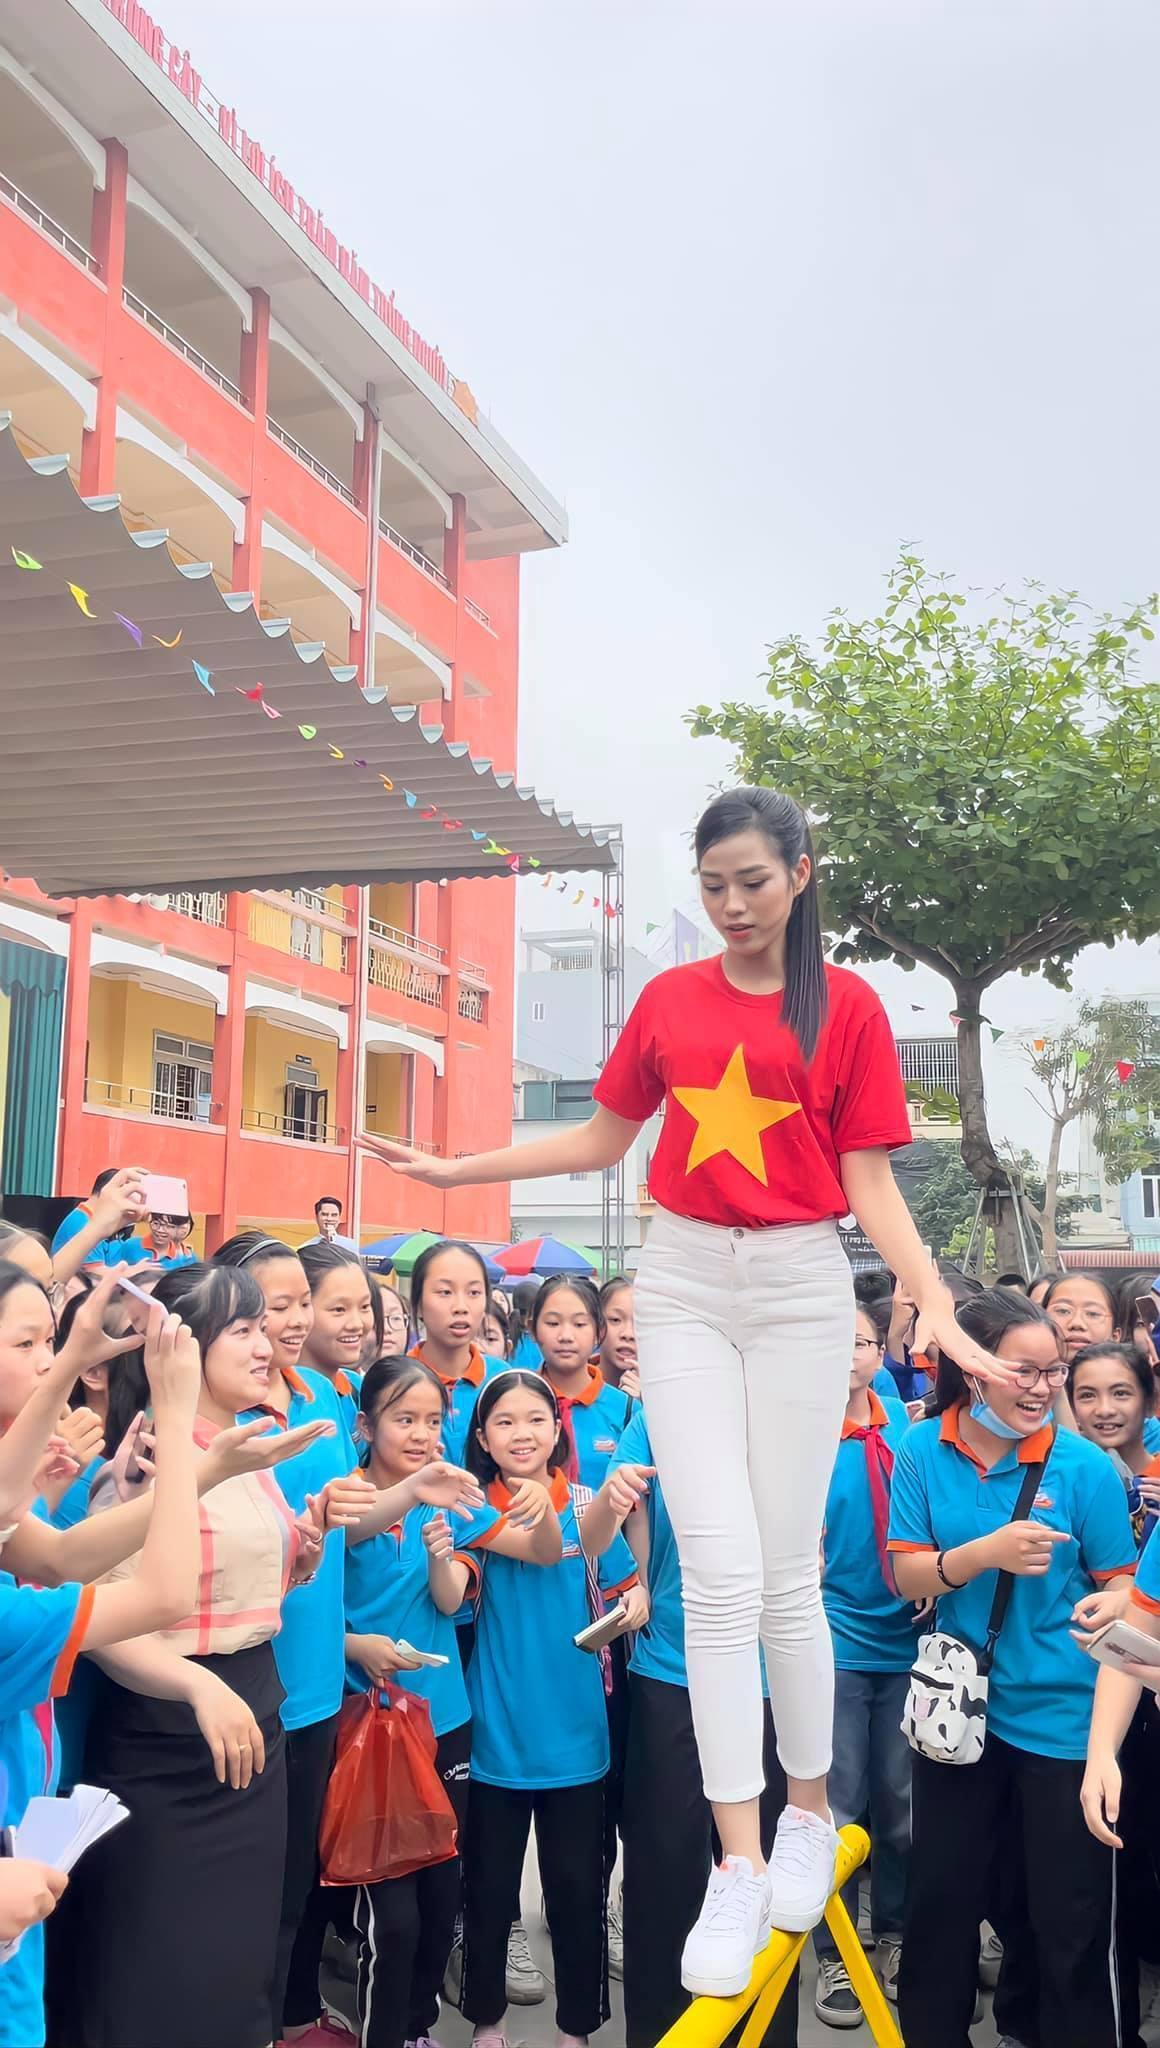 Teen chụp Hoa hậu Đỗ Thị Hà về trường giao lưu, ai nấy đều trầm trồ: 'Đẹp không góc chết!' Ảnh 4